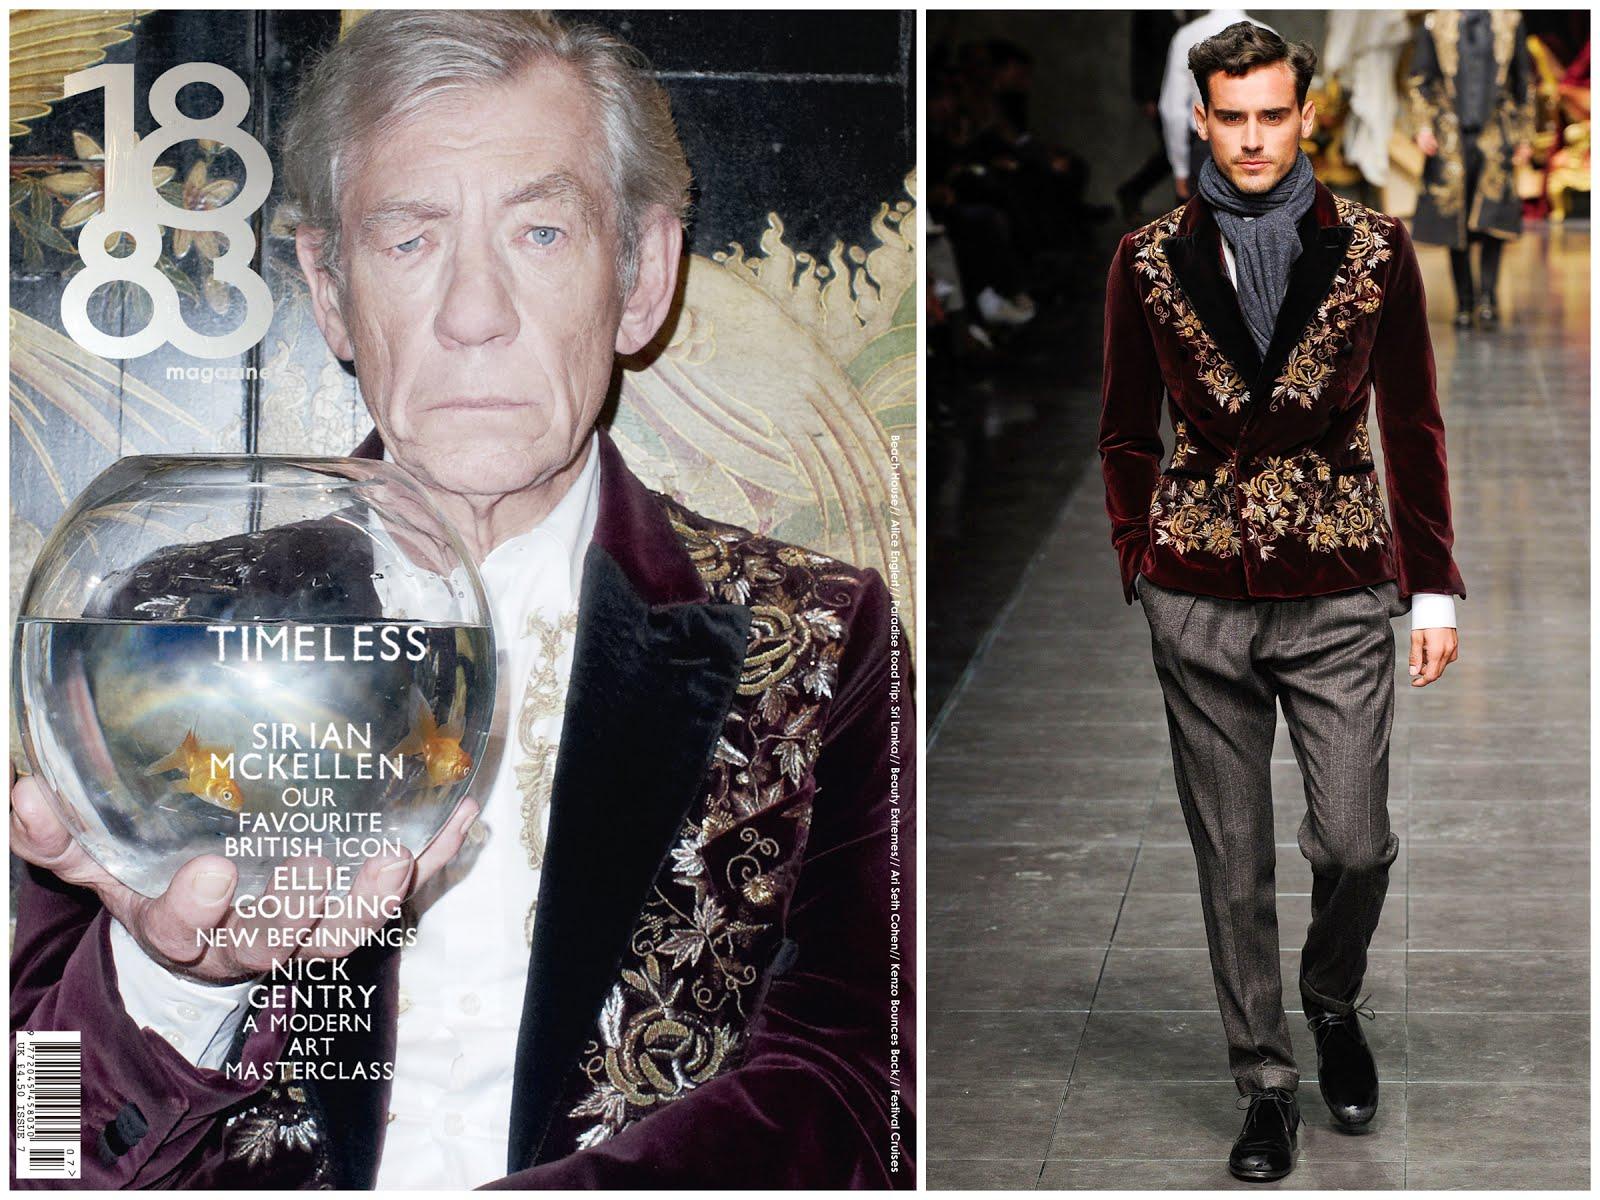 Sir Ian McKellen in Dolce & Gabbana - 1883 Magazine Issue 7